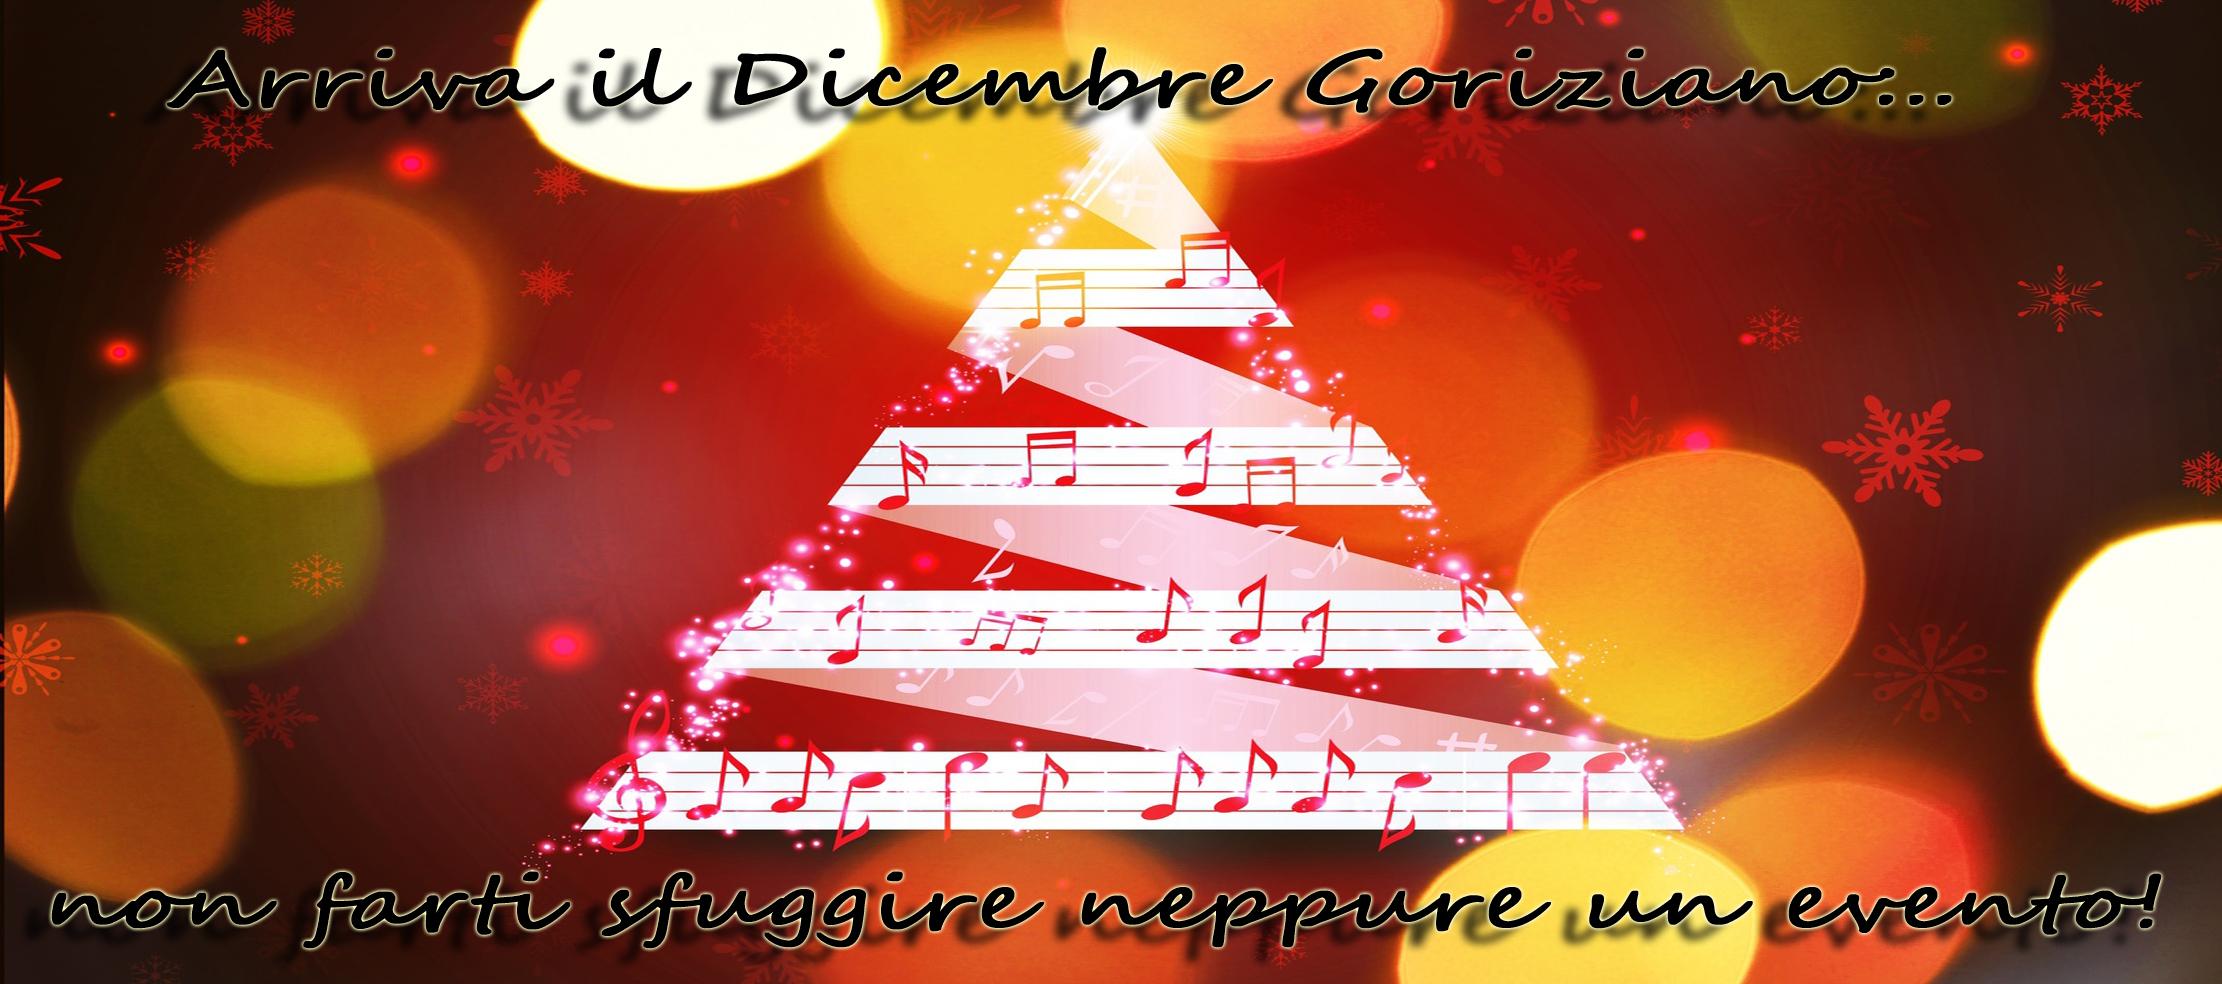 Dicembre goriziano  06 12 16